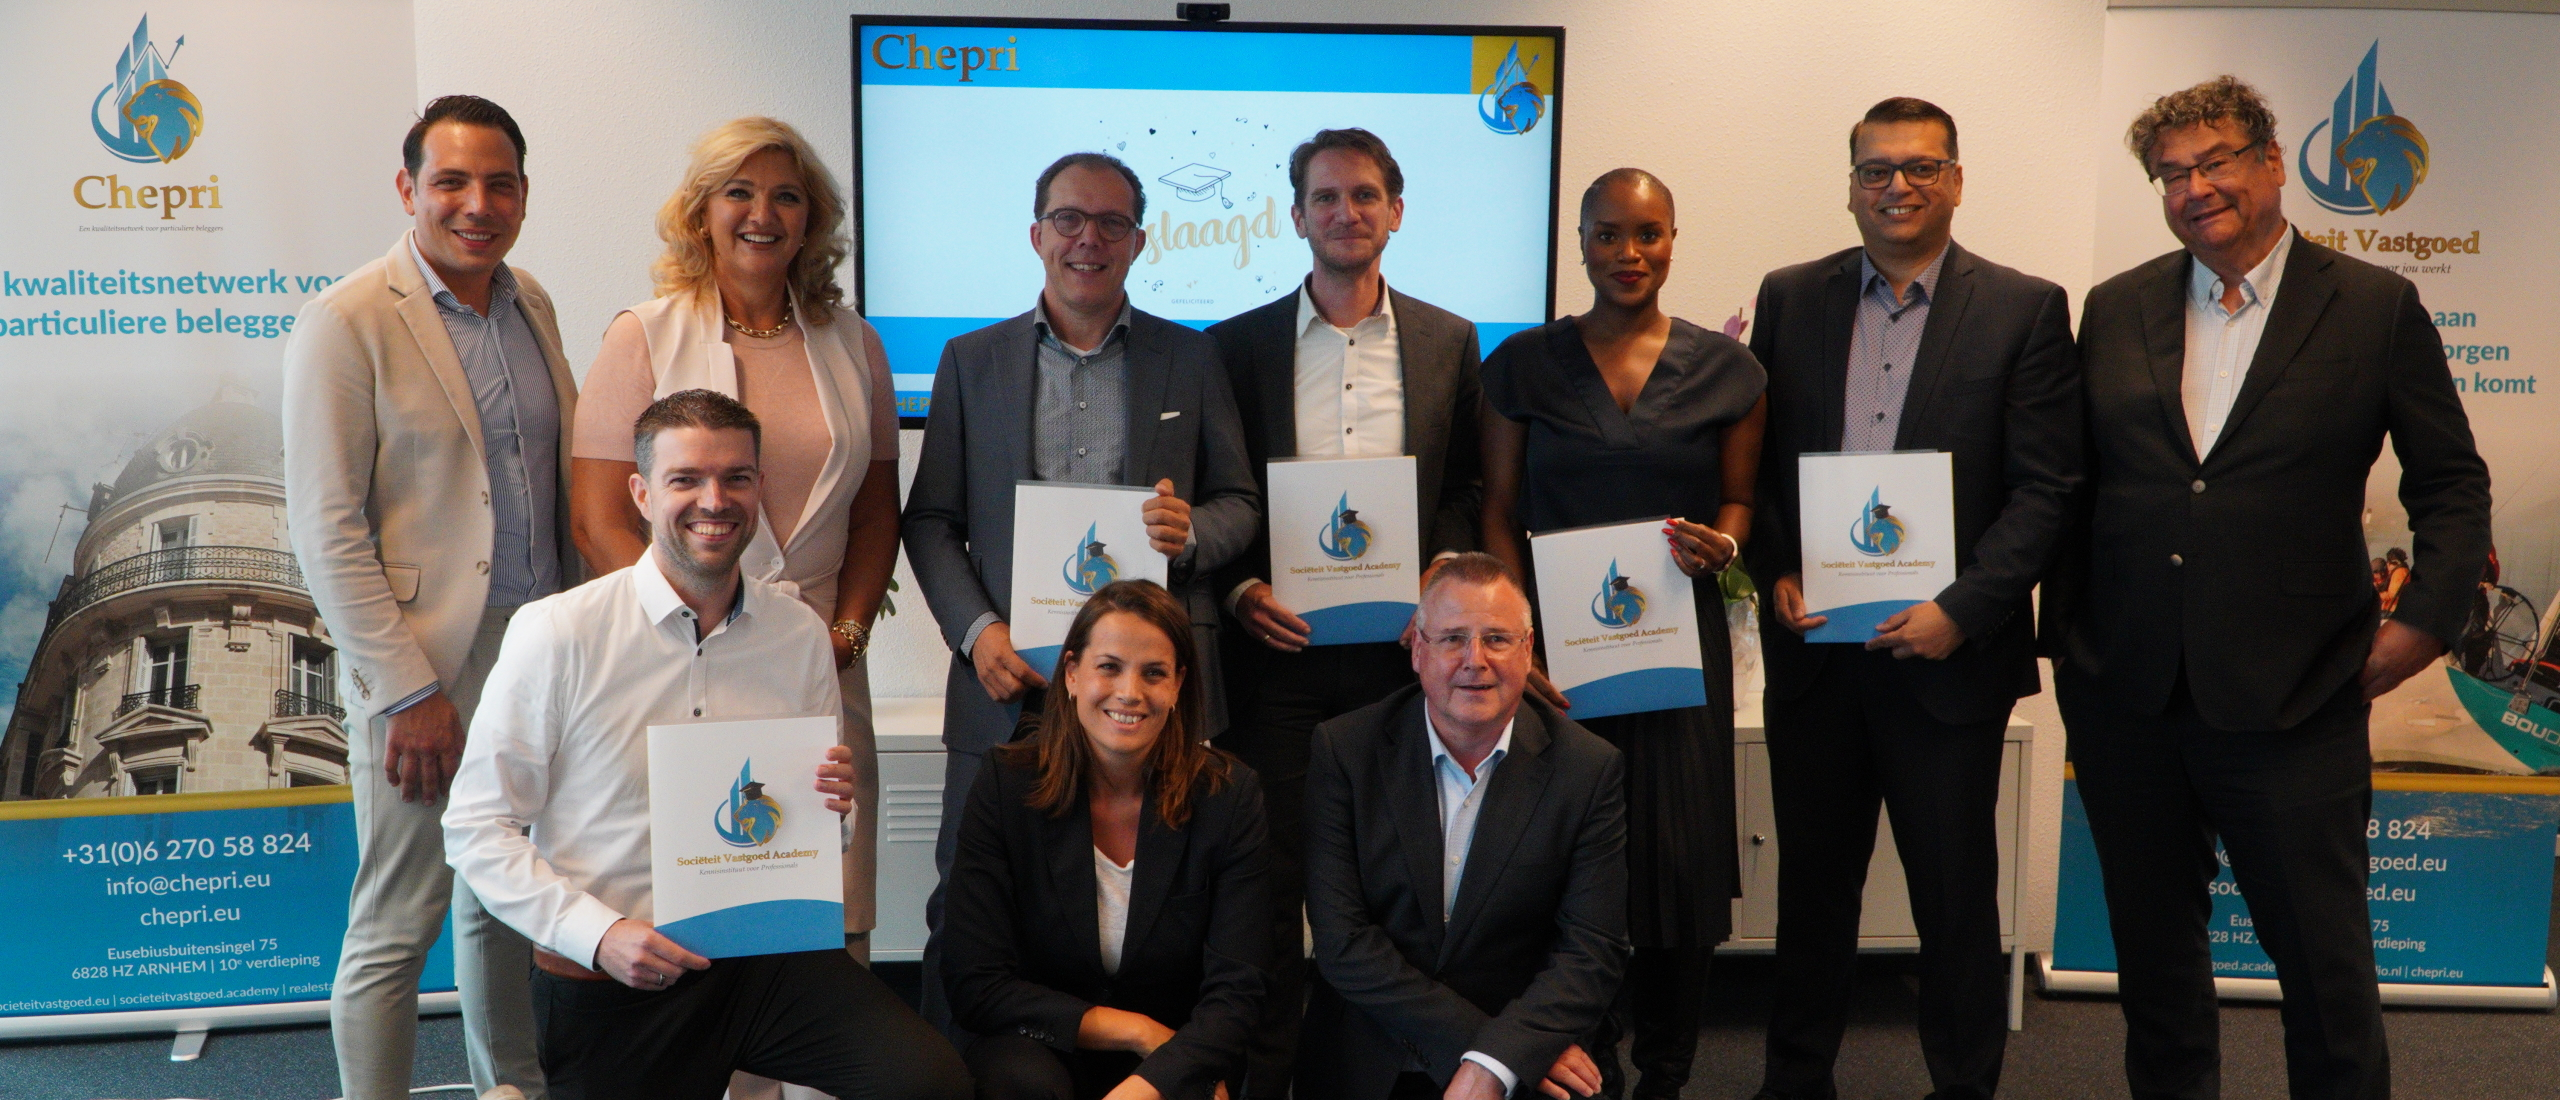 Chepri feliciteert kandidaten die opleiding Beleggen in Vastgoed succesvol hebben afgerond